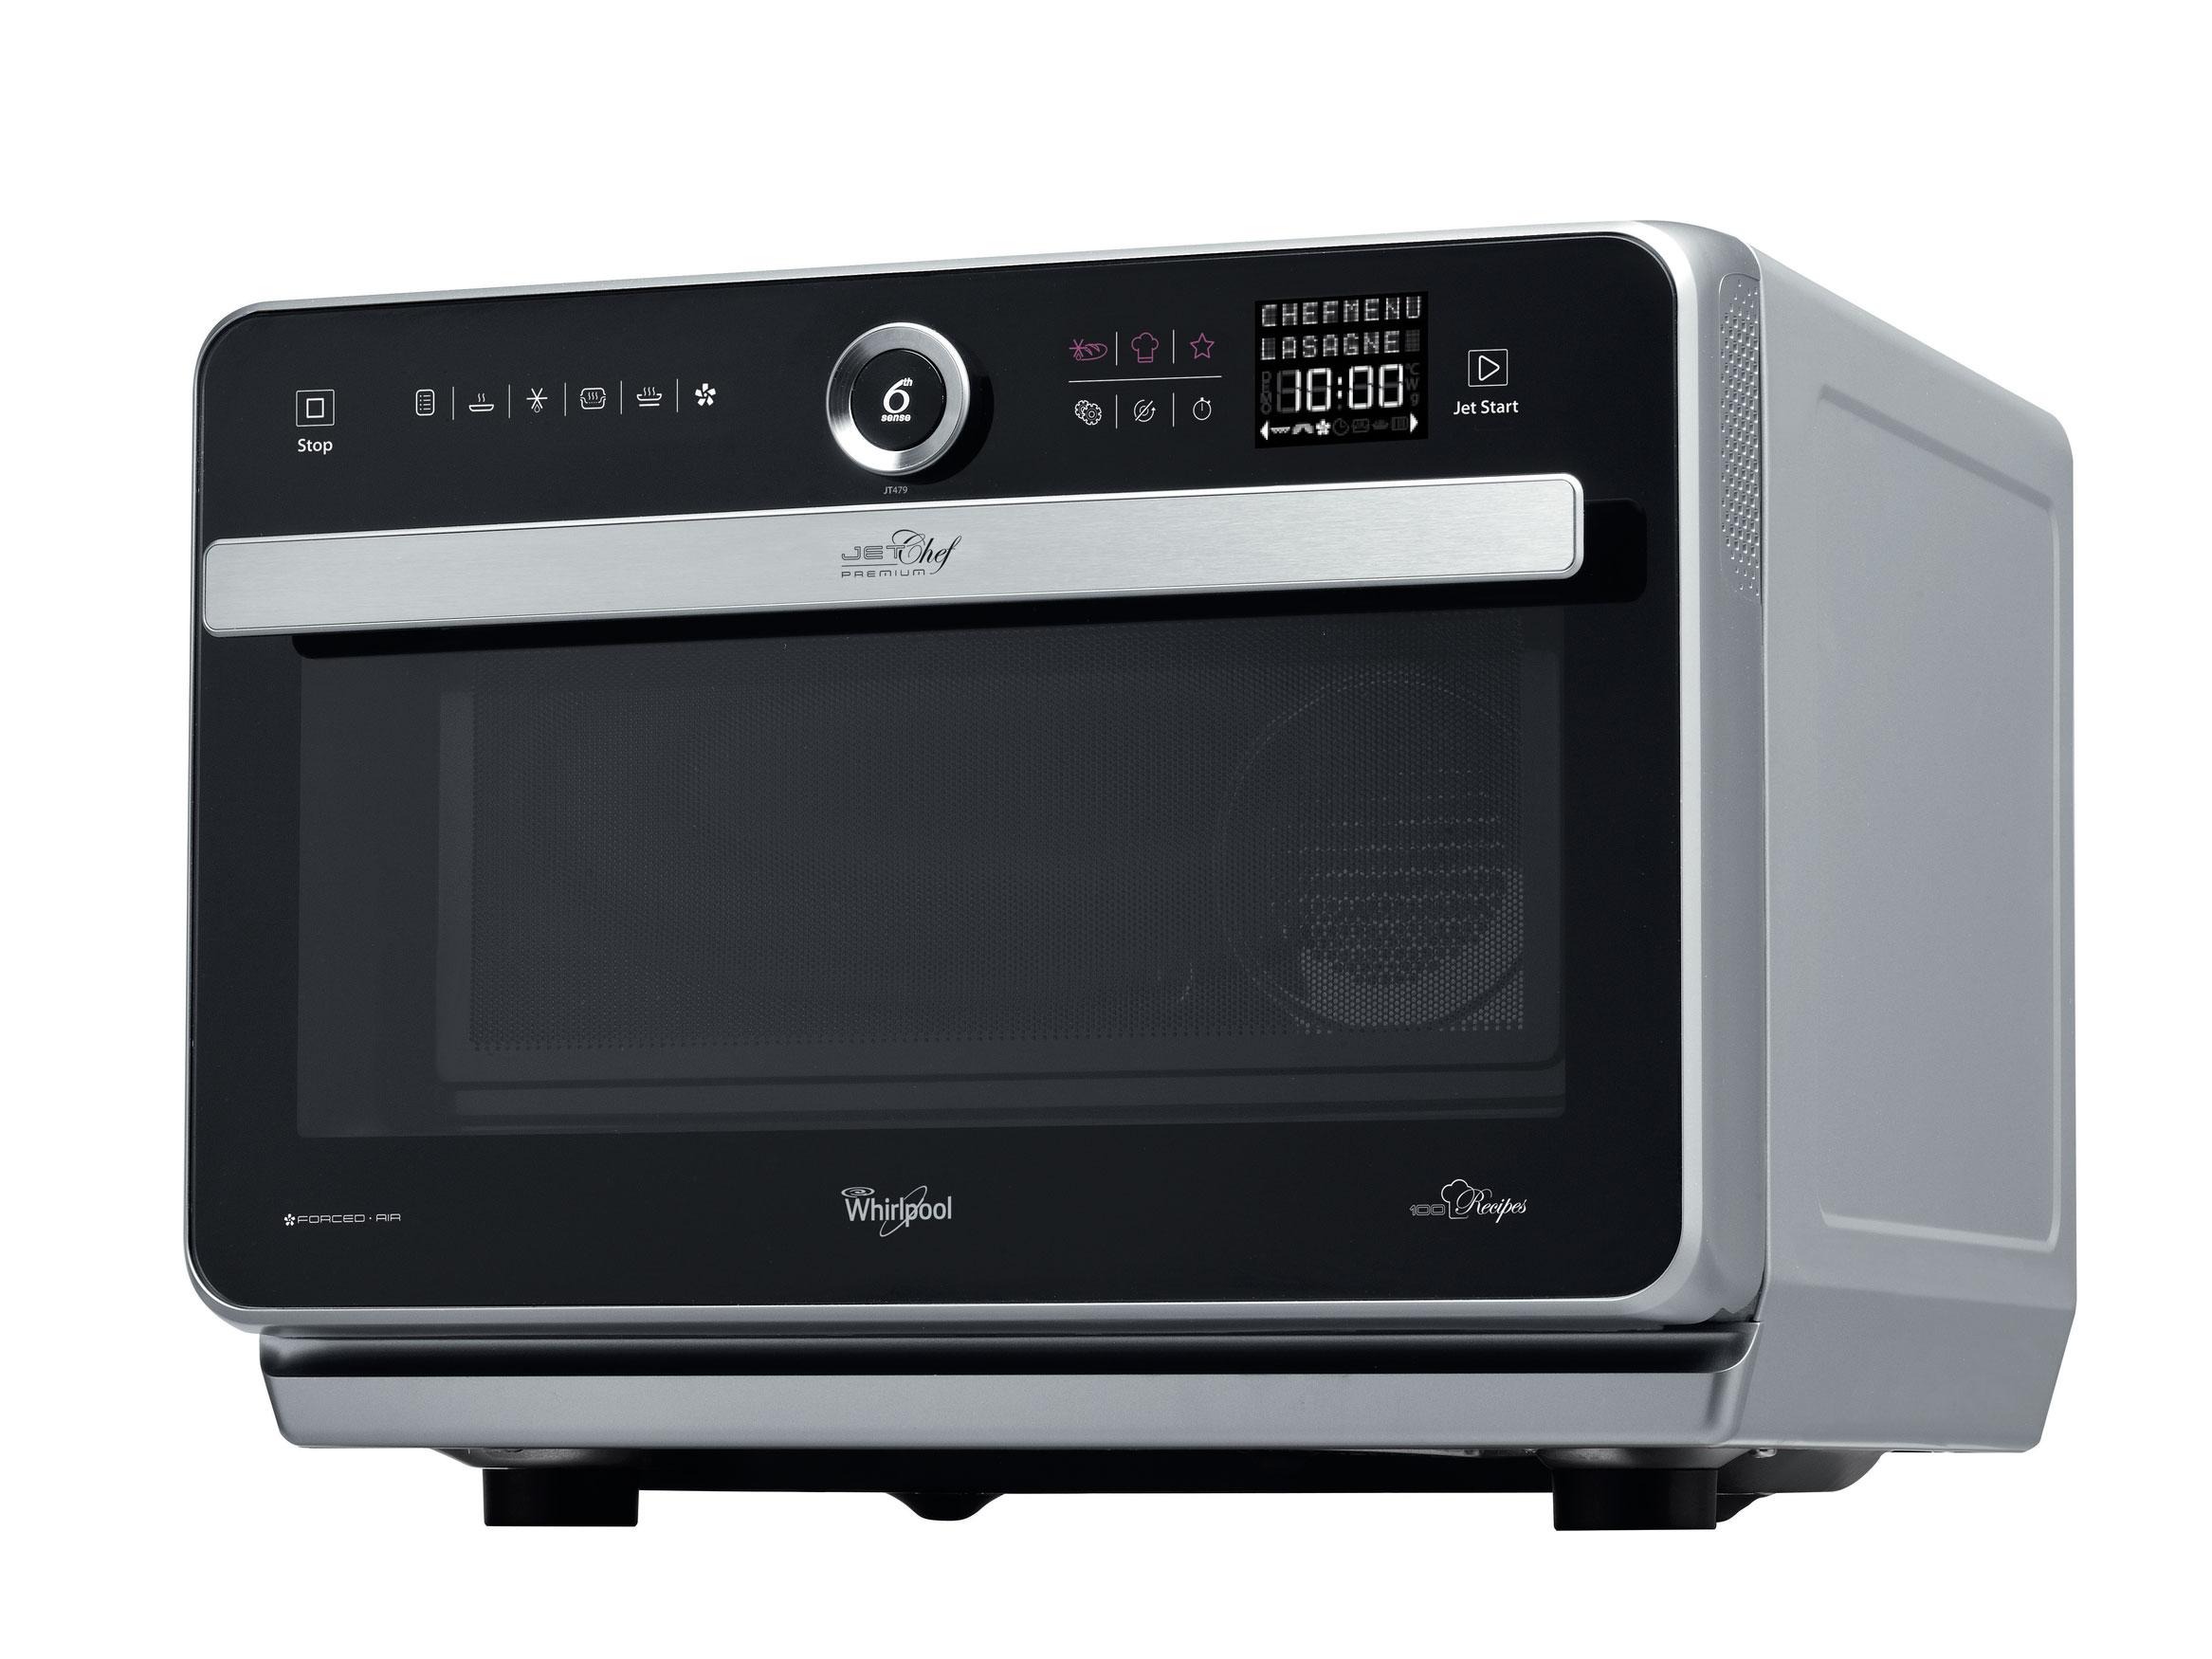 Superveelzijdige Jet Chef oven Whirlpool gaat voor extreem gebruiksgemak